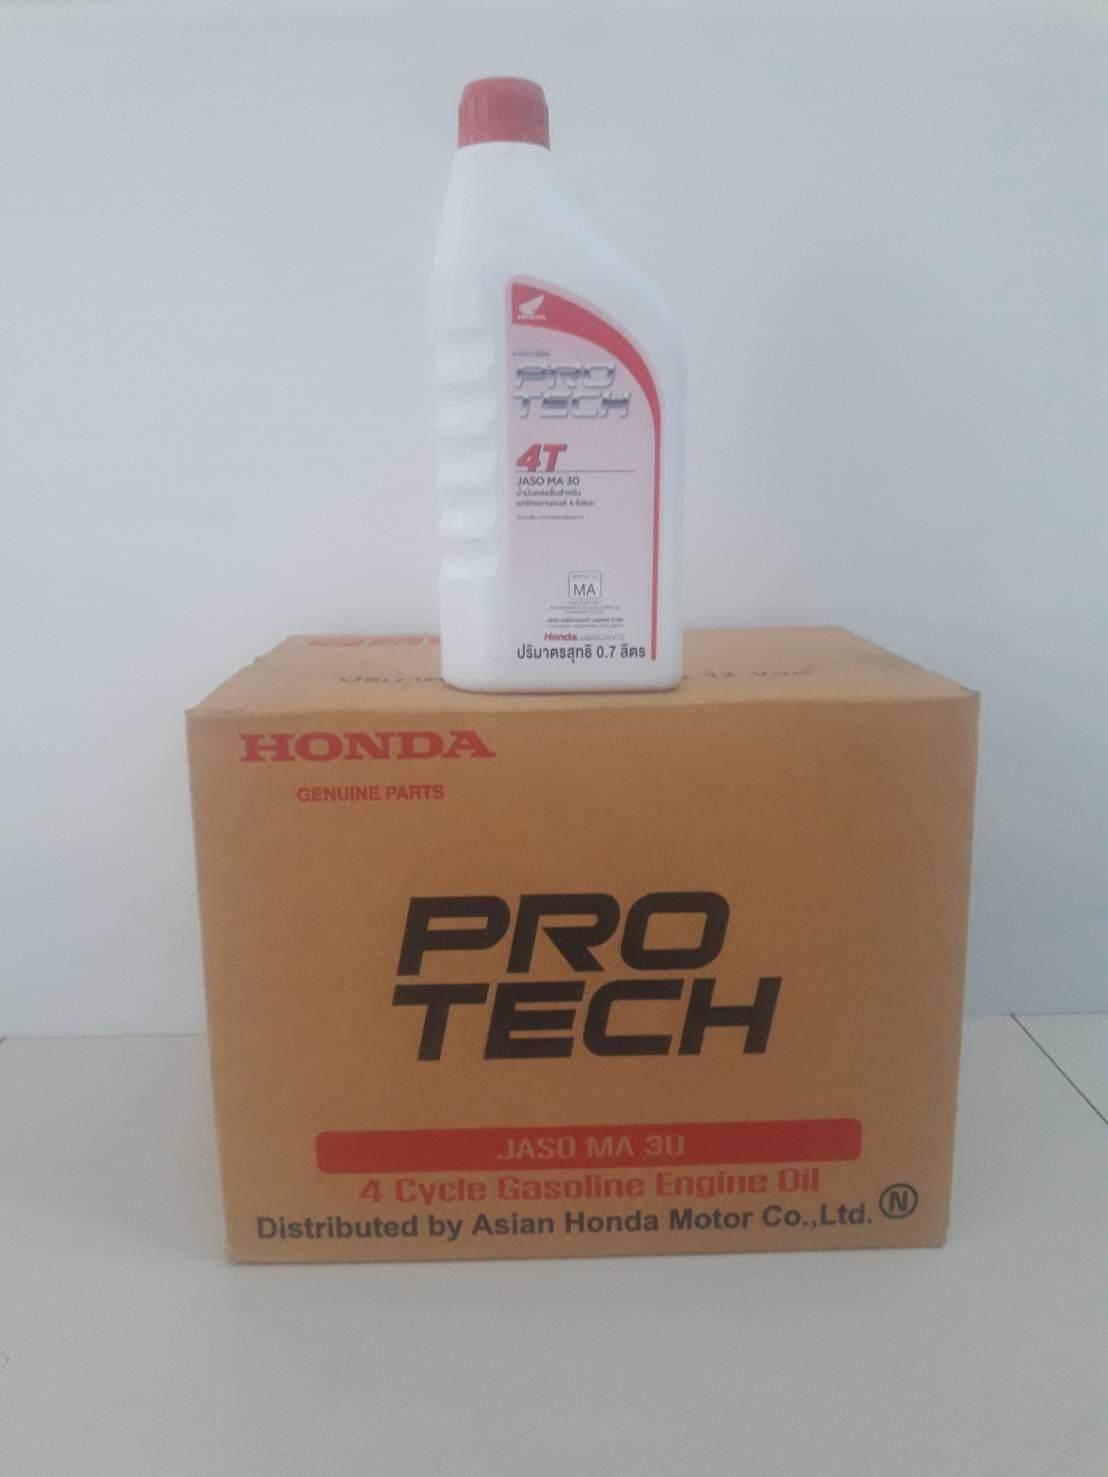 น้ำมันเครื่อง 4t Honda 0.7 ลิตร ,1 ลัง (12 กระป๋อง) , น้ำมัน รถ มอเตอร์ไซค์ ยกลัง ฝาแดง.